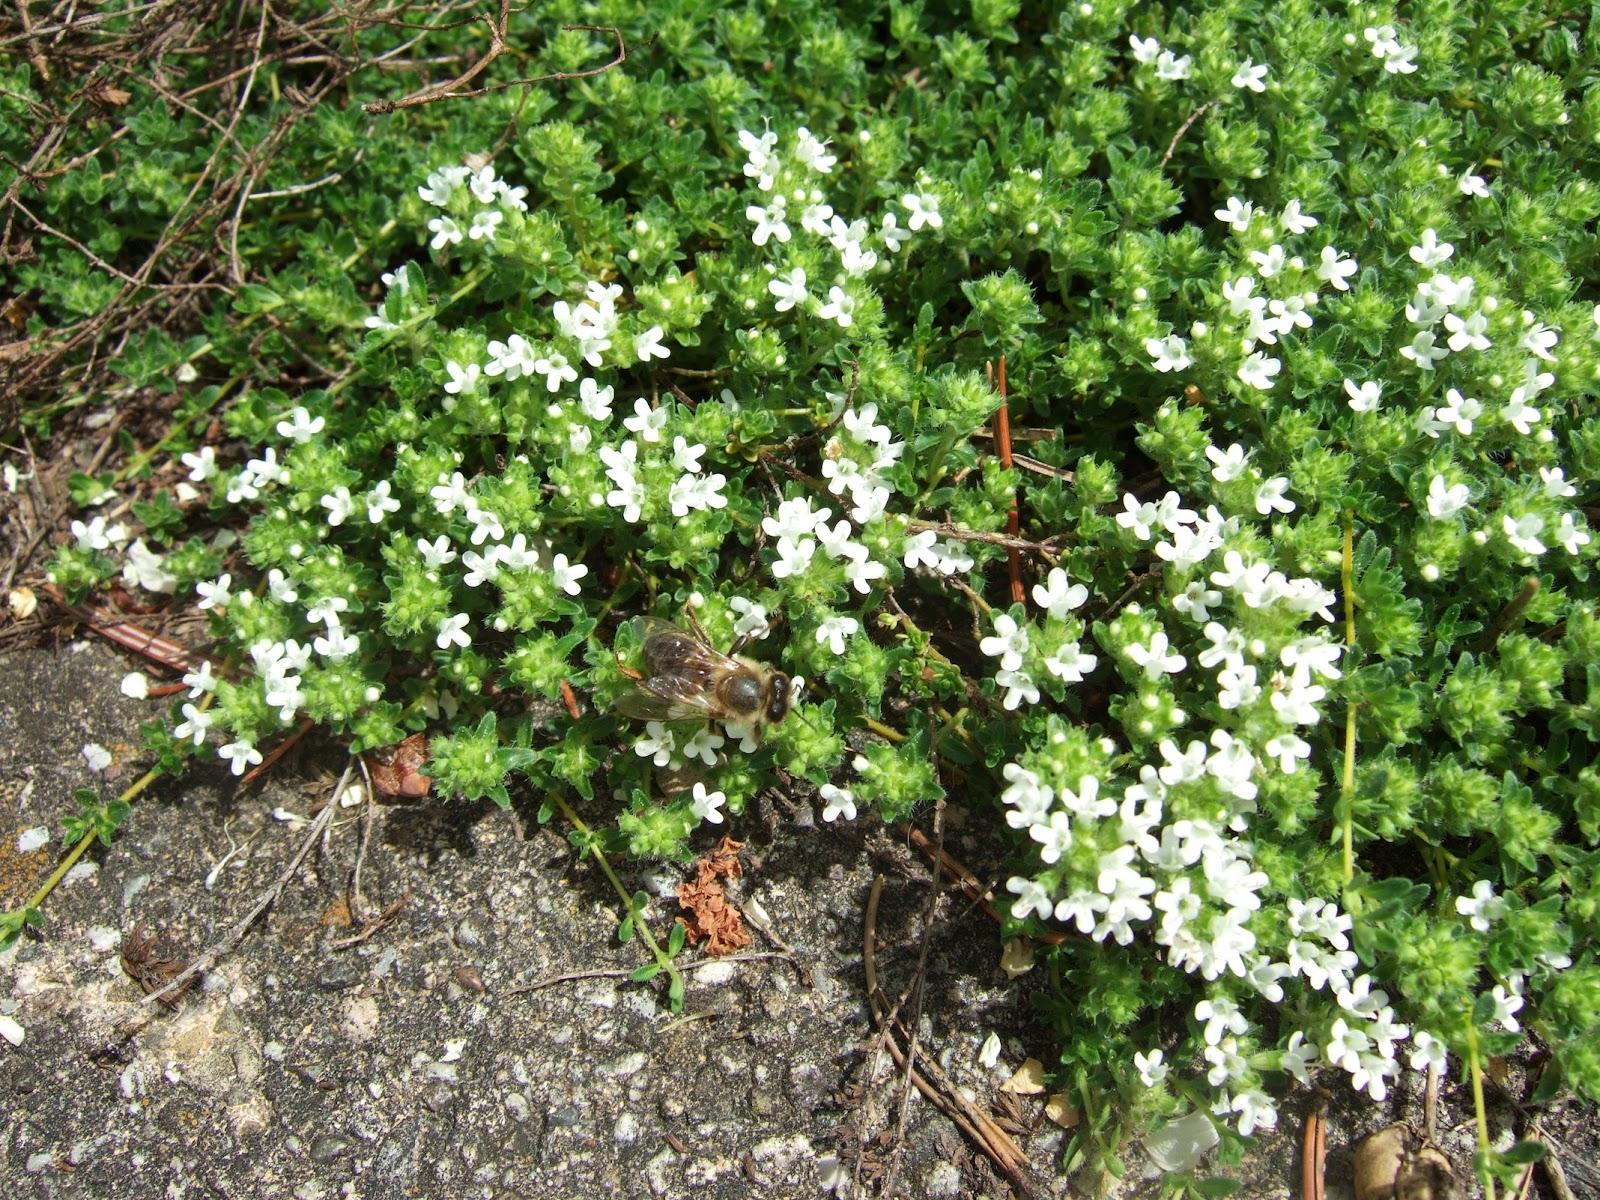 PflanzenResort Weisser SandThymian (Thymus serpyllum